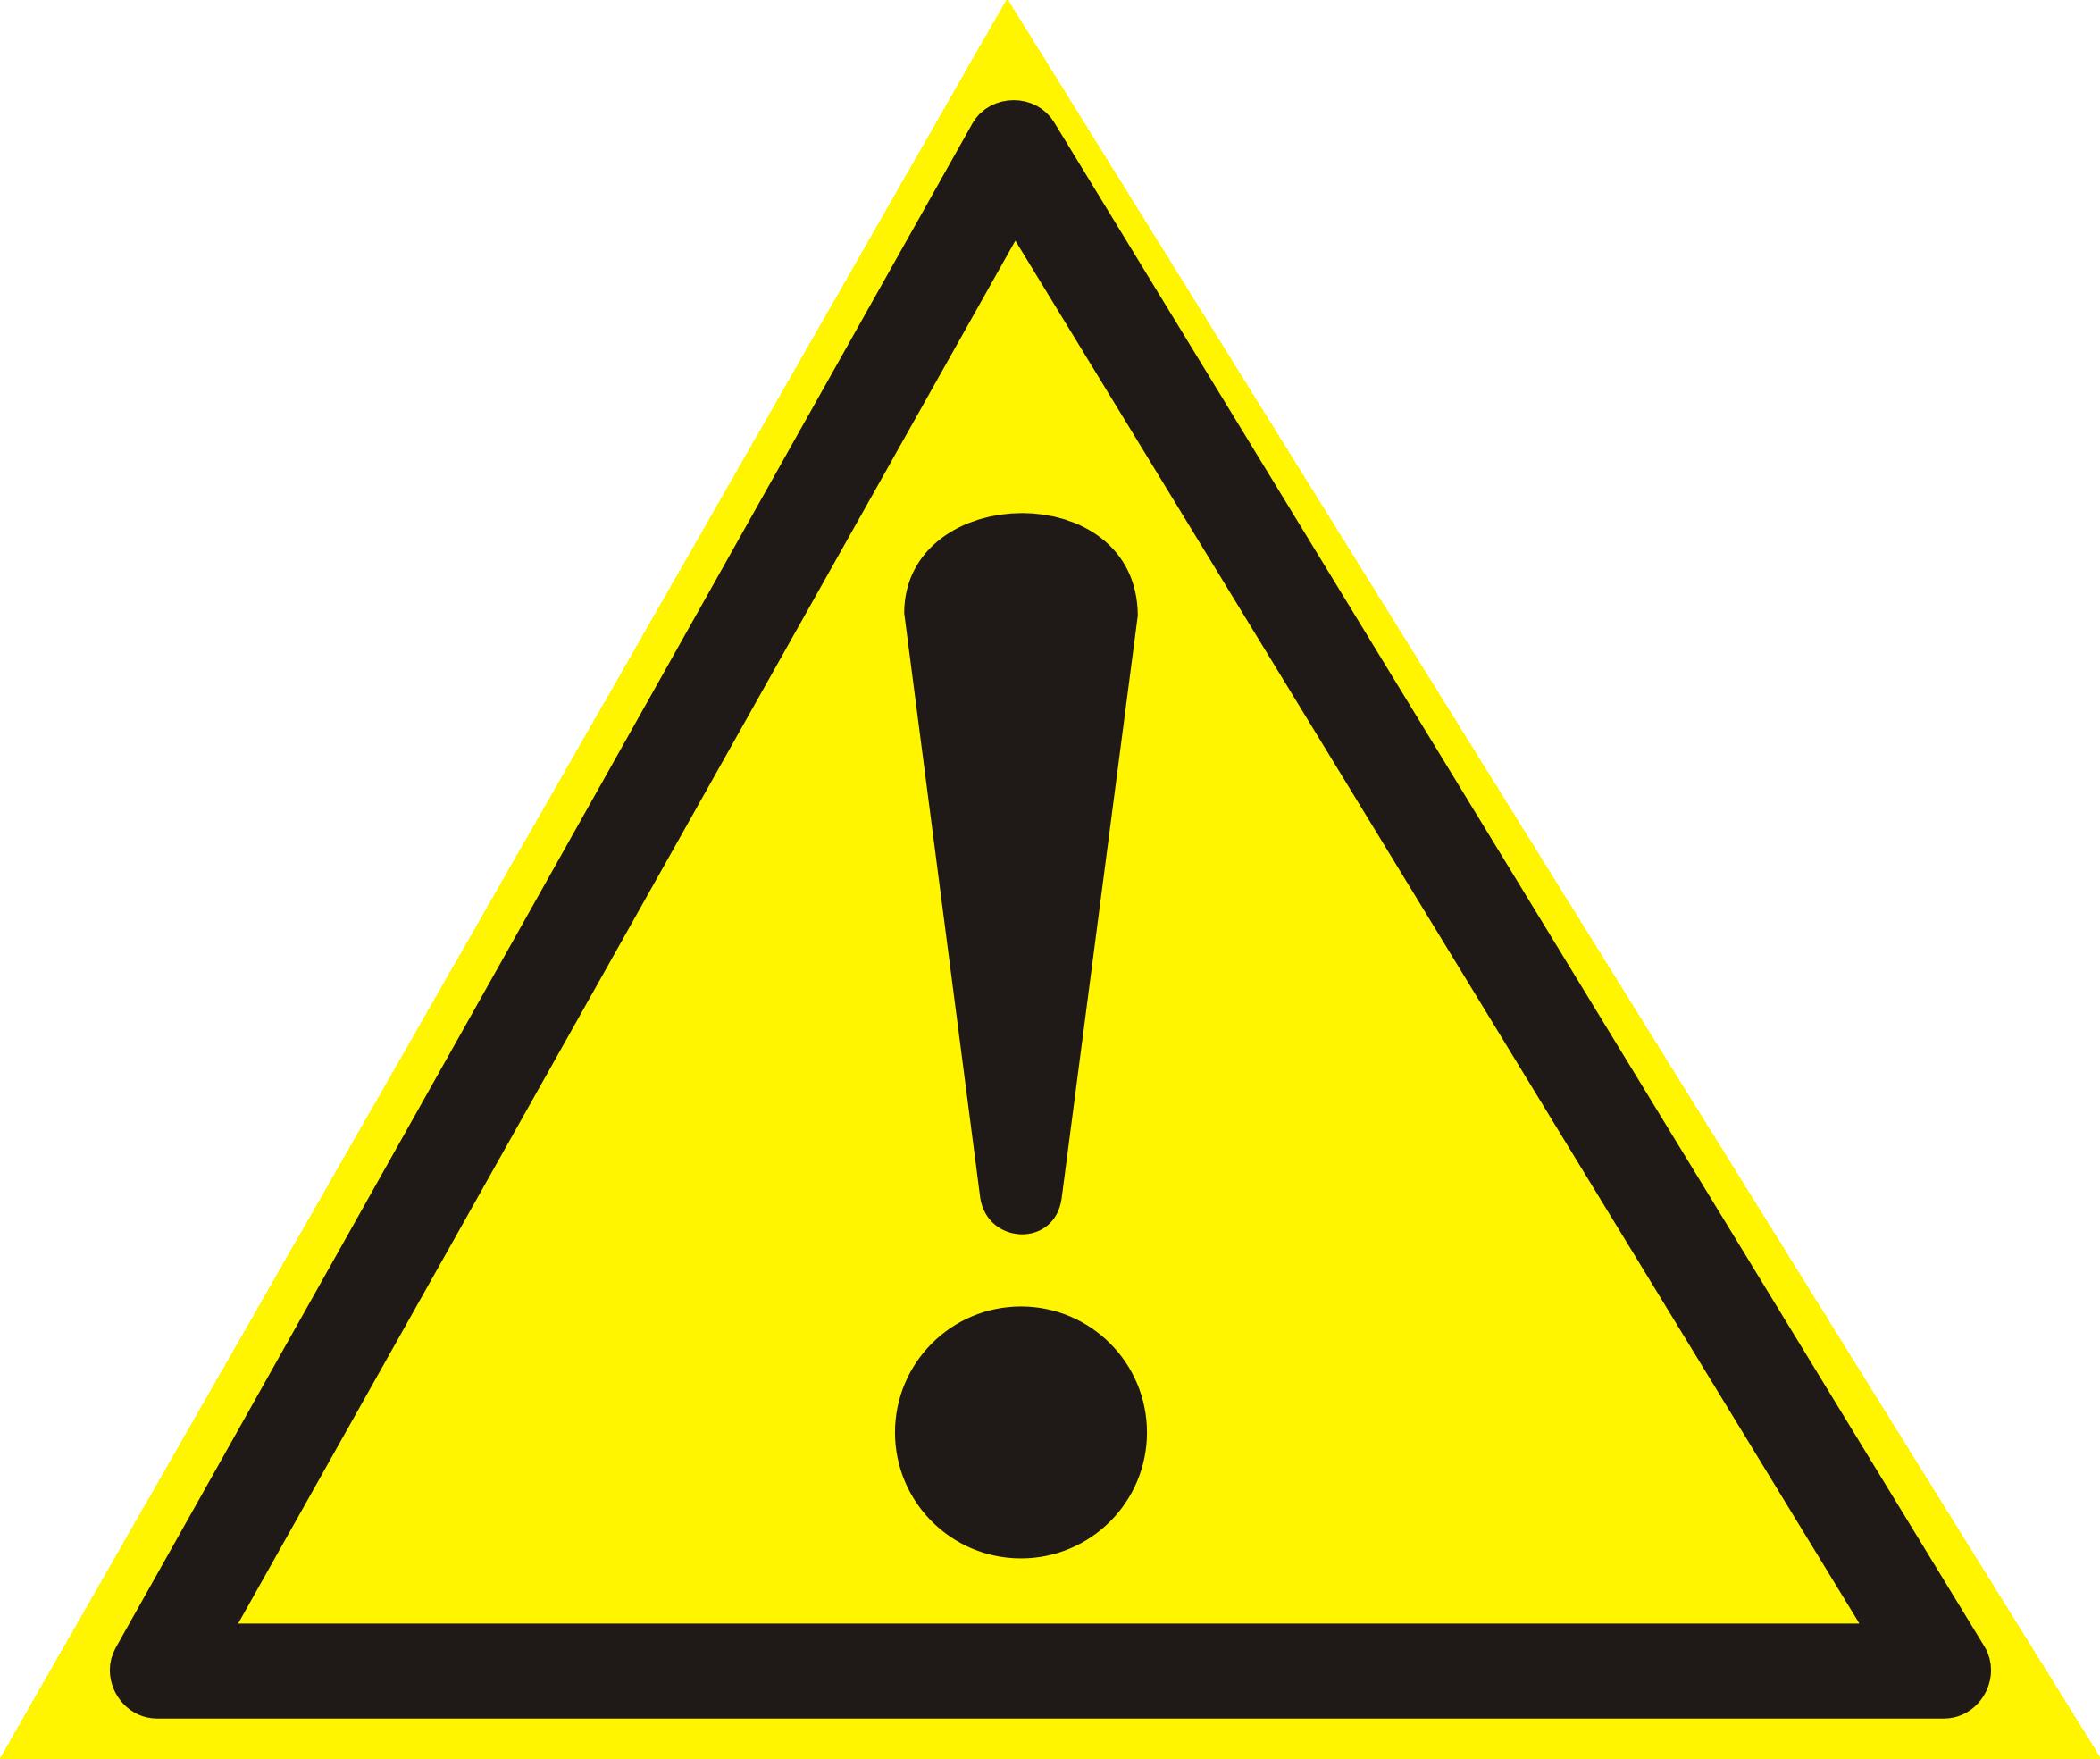 Восклицательный знак в треугольнике, контрастная расцветка: ядовито-желтый и черный